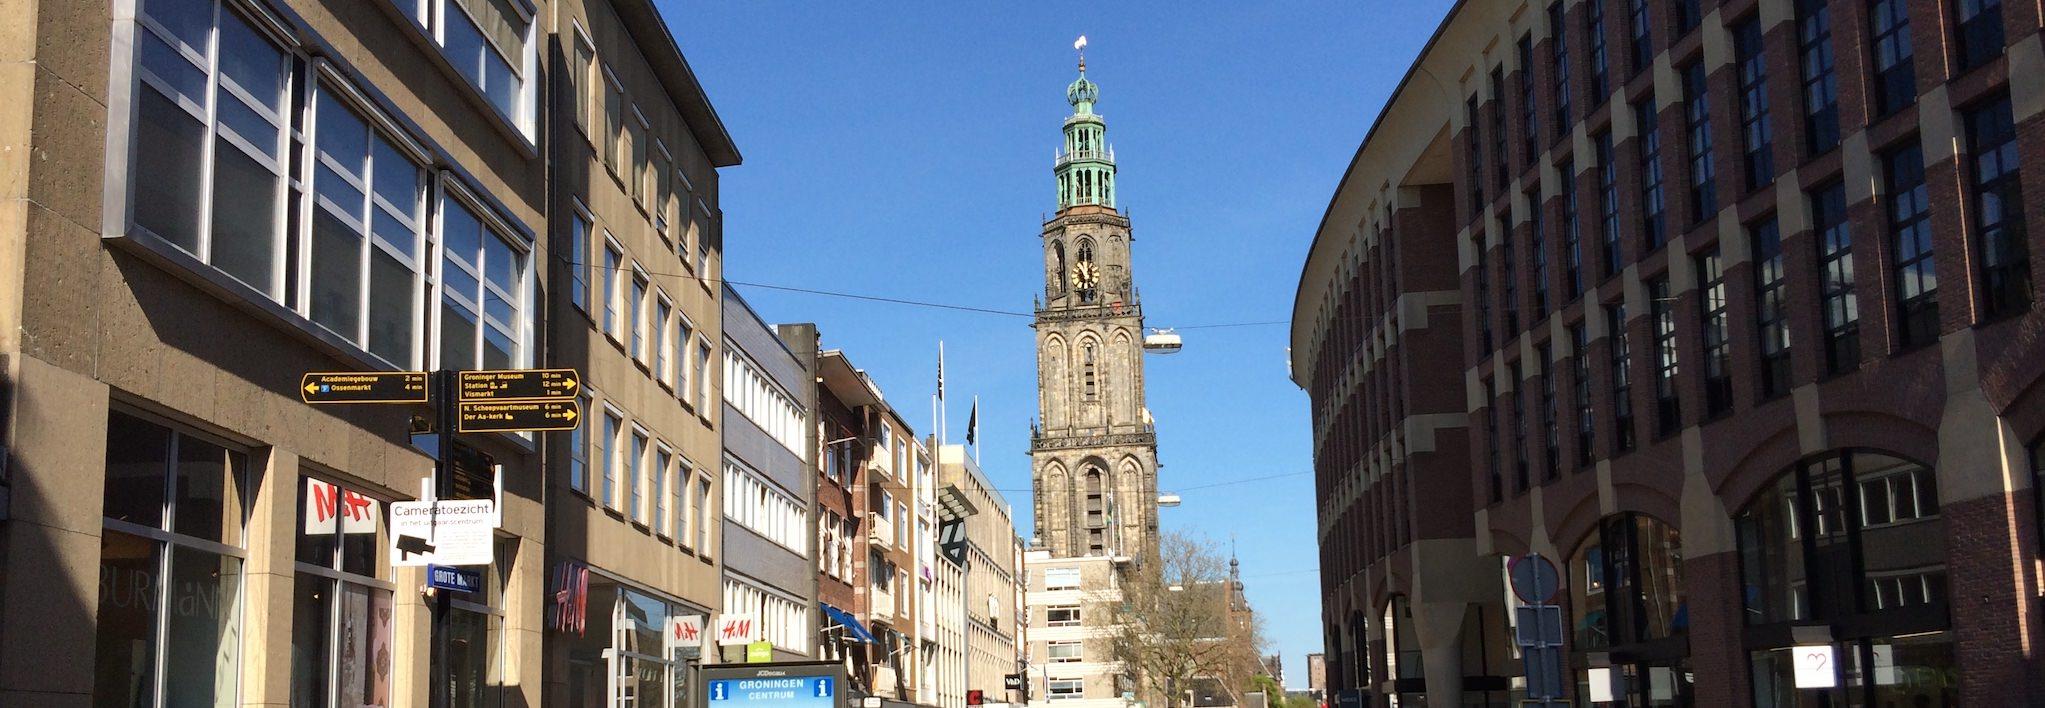 Groningen - Martiniturm, von der Zwanestraat aus